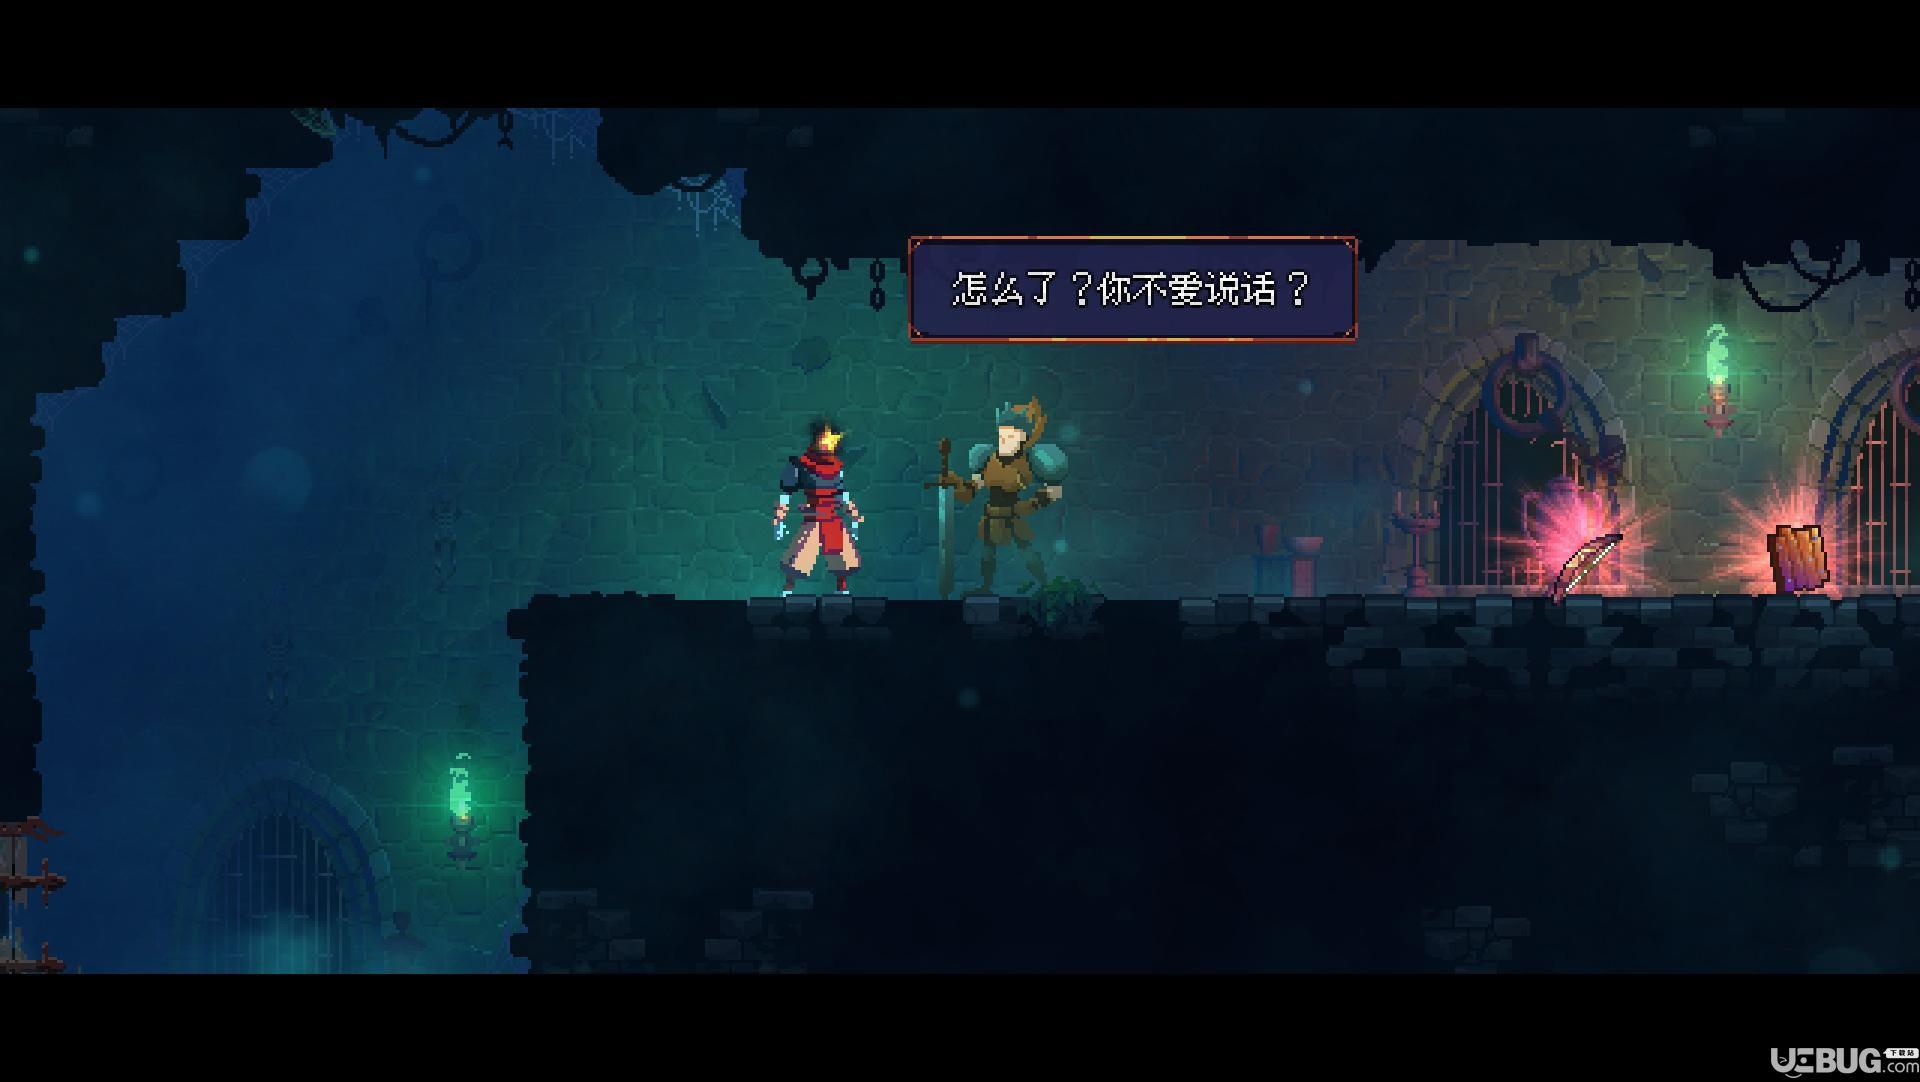 死亡细胞中文版下载